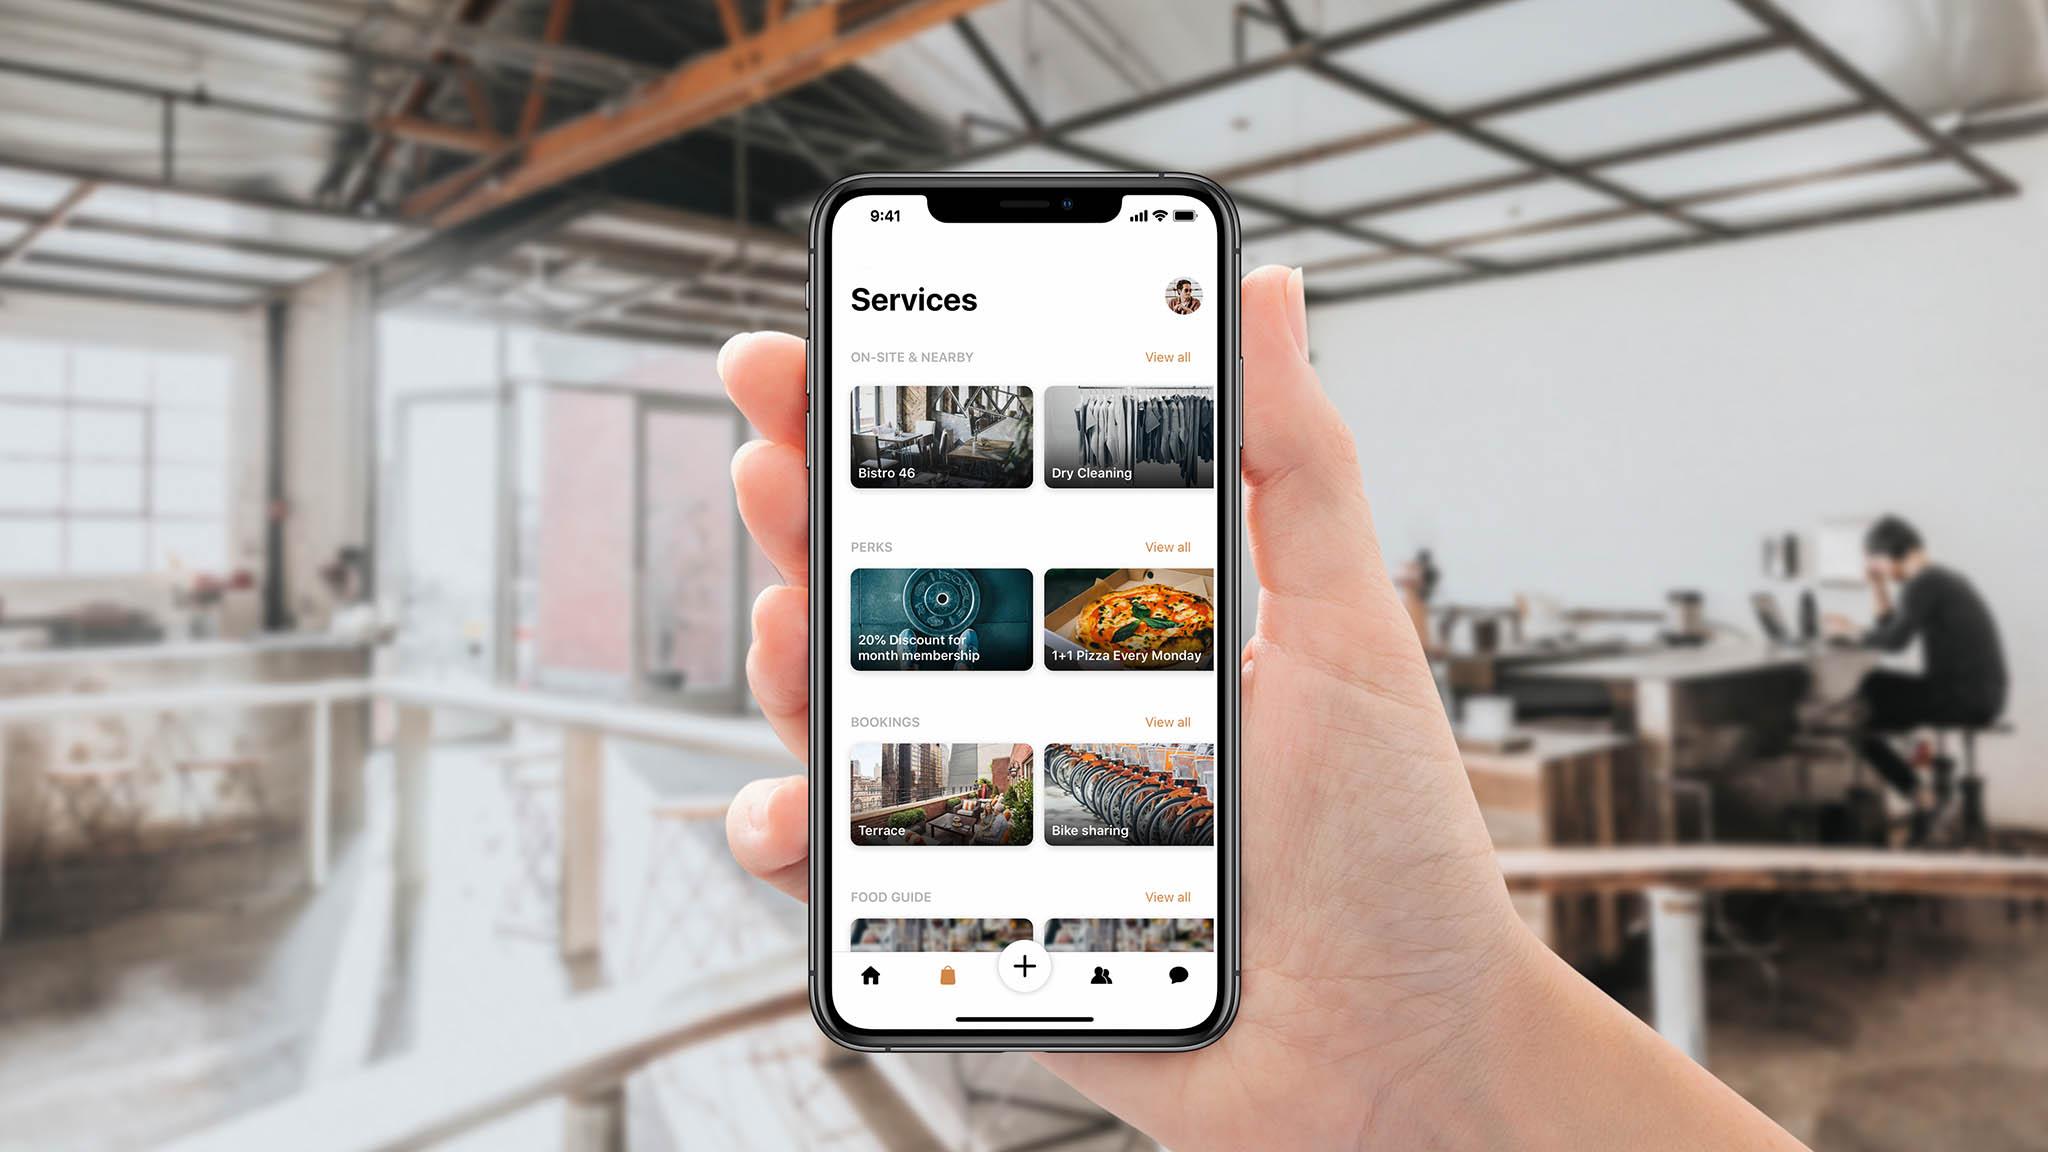 Spaceflow pozvedá komfort v budovách díky propojení majitelů, nájemníků, návštěvníků a poskytovatelů služeb prostřednictvím komunitního managementu a komunitní platformy – mobilní aplikace.